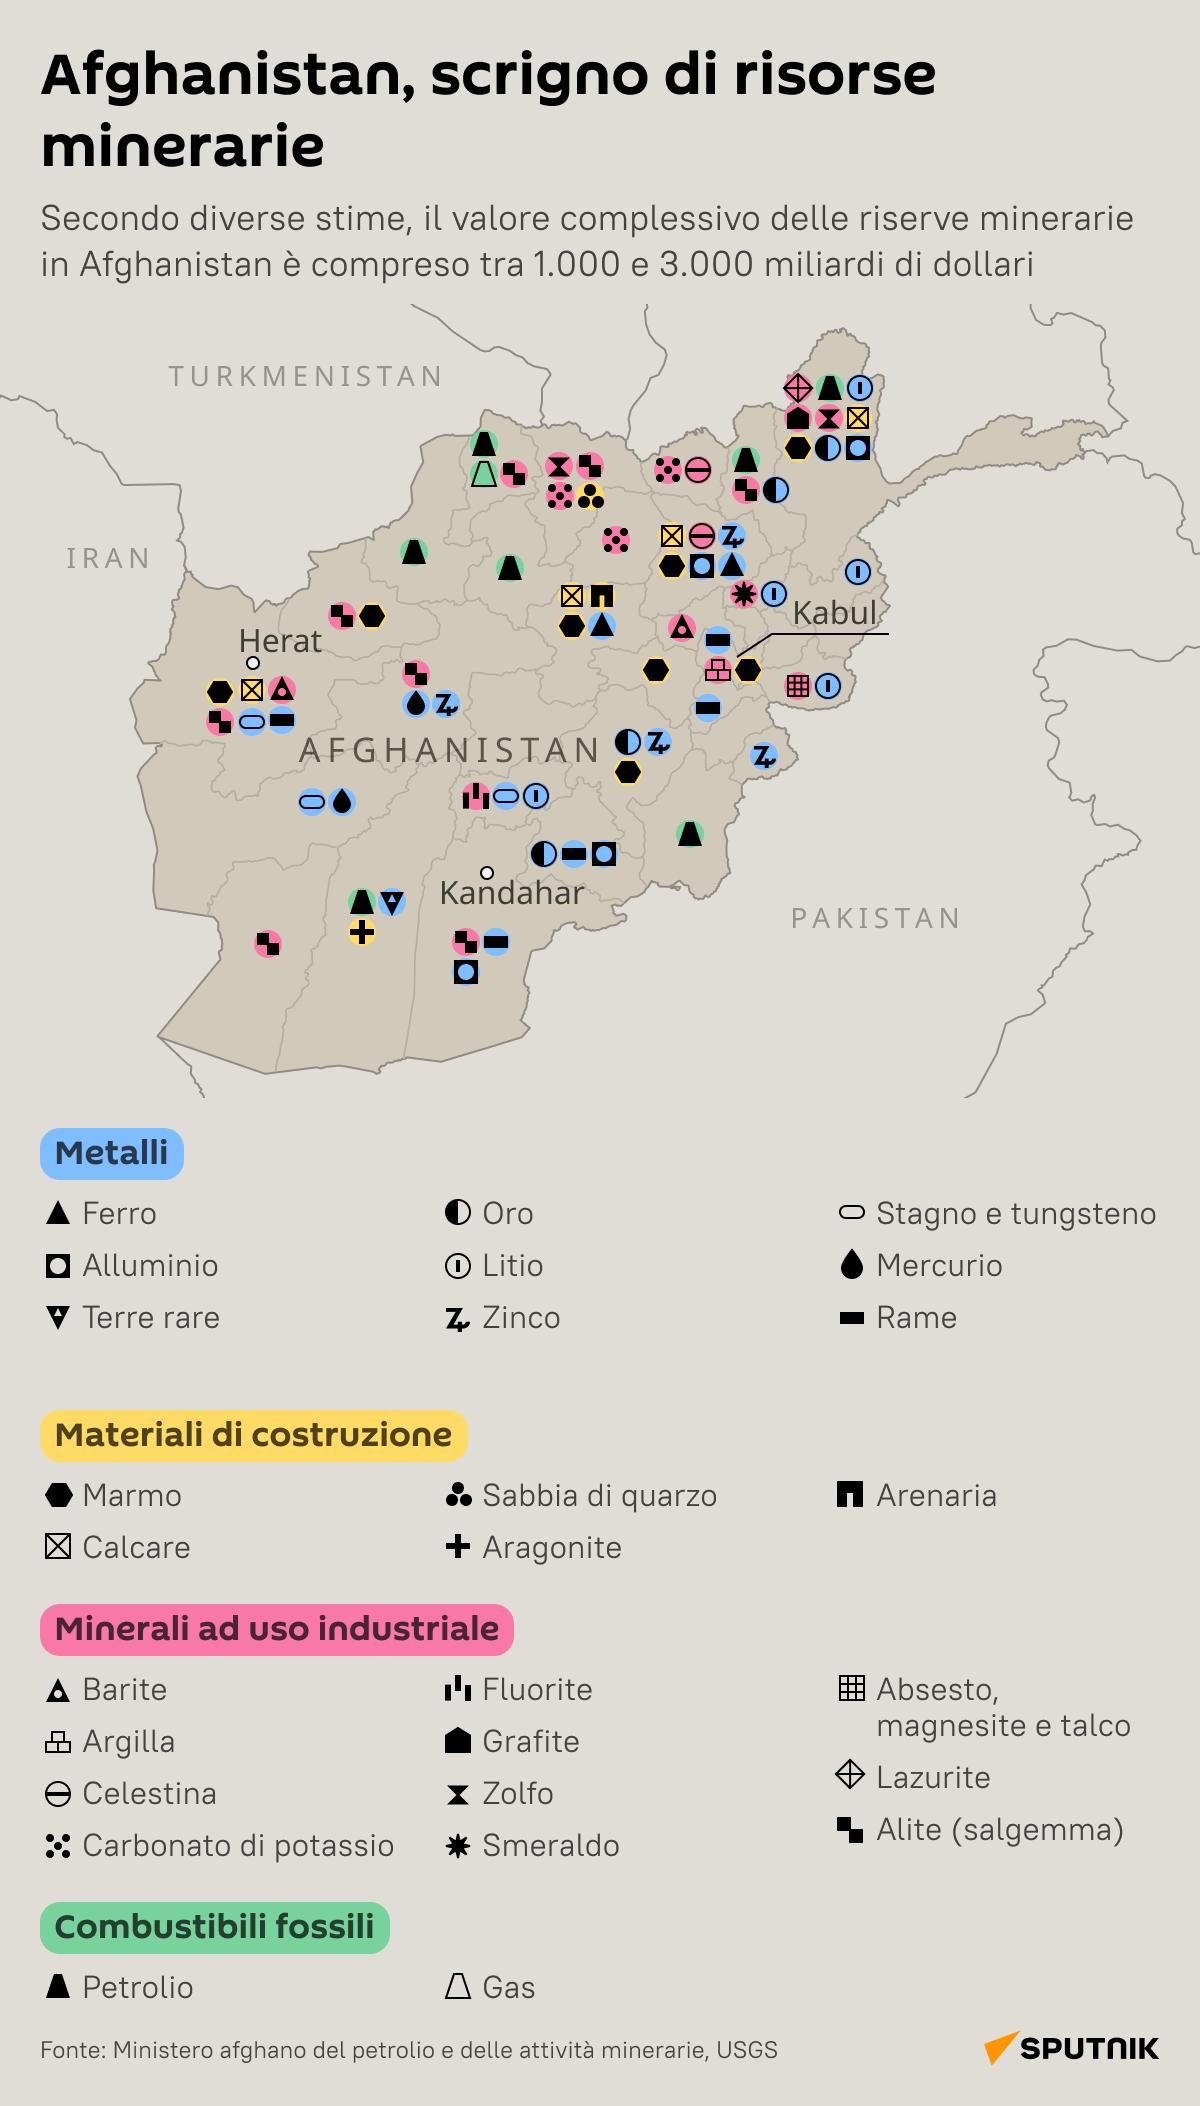 افغانستان ، گنجینه ای از منابع معدنی - اسپوتنیک ایتالیا